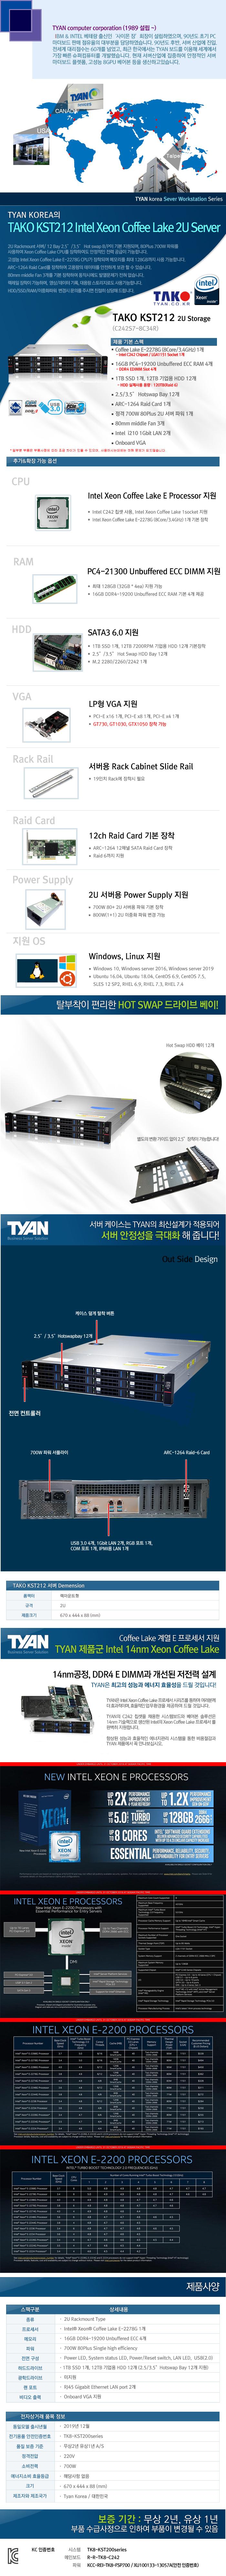 TYAN TAKO-KST212-(C242S7-8C34R) (64GB, SSD 1TB + 120TB)